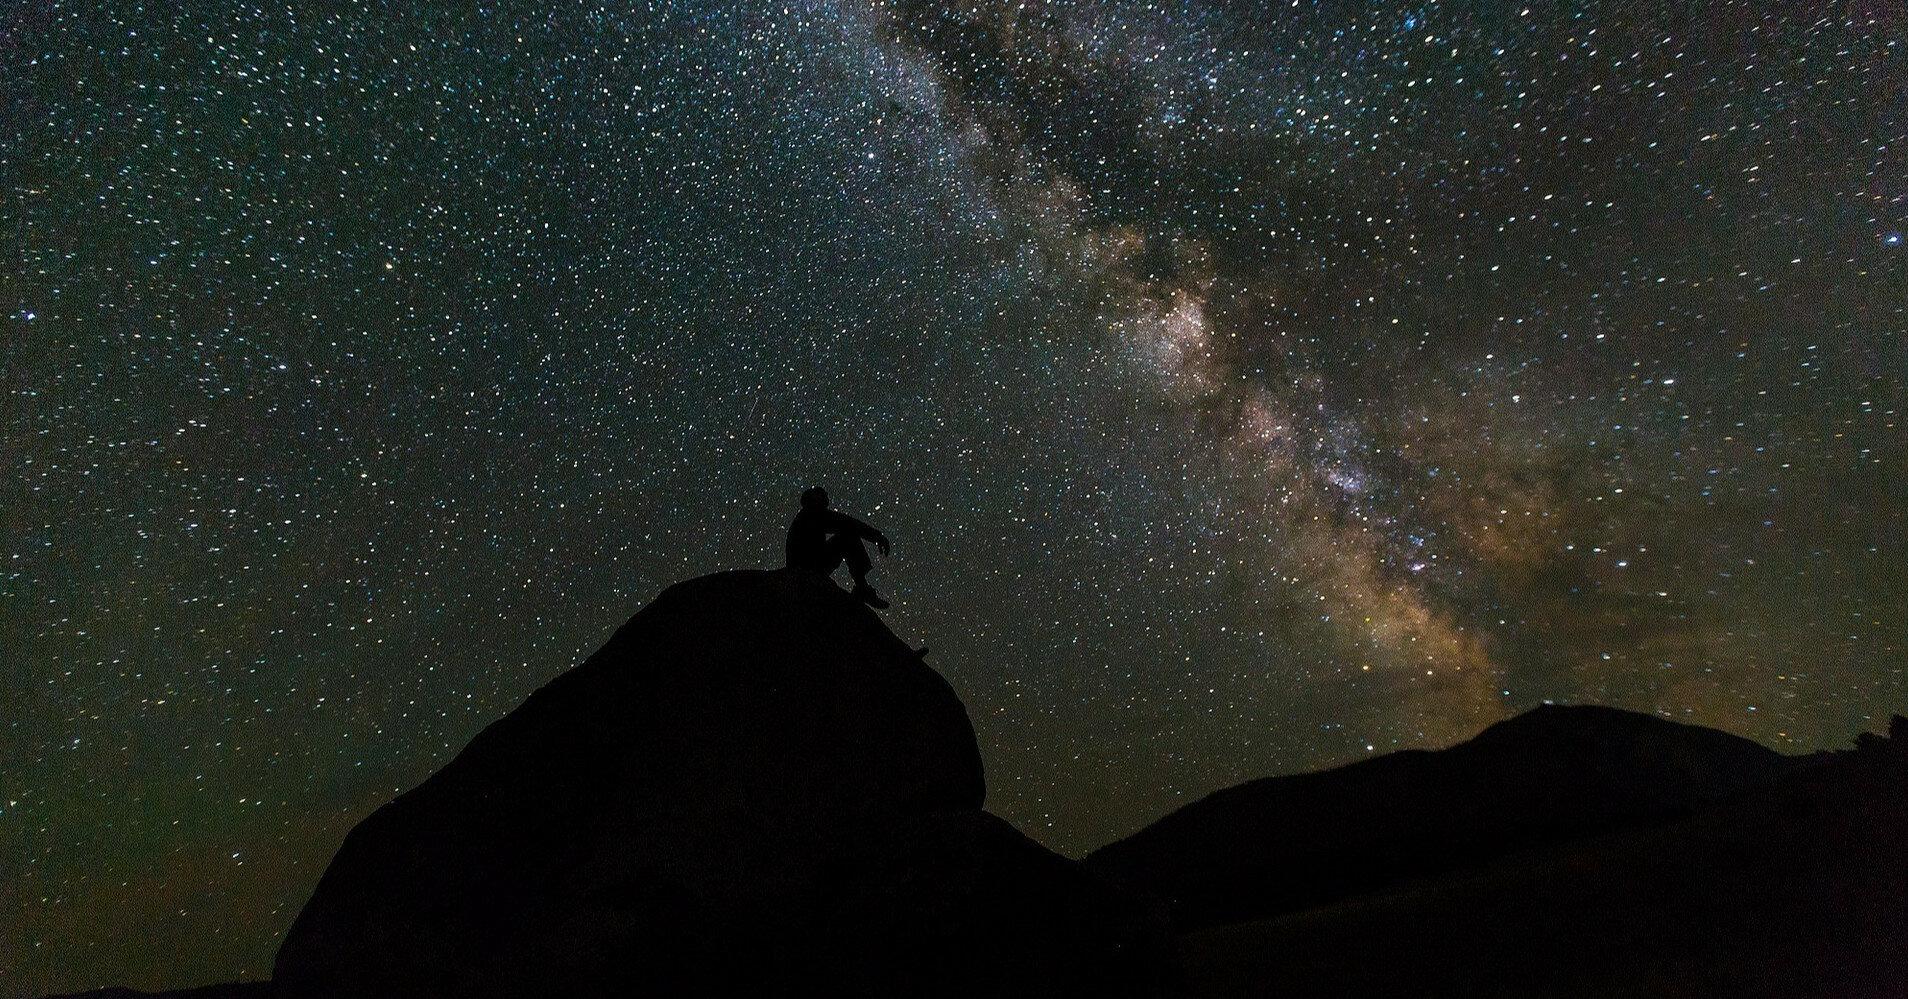 В Млечном пути обнаружили загадочную структуру огромных размеров